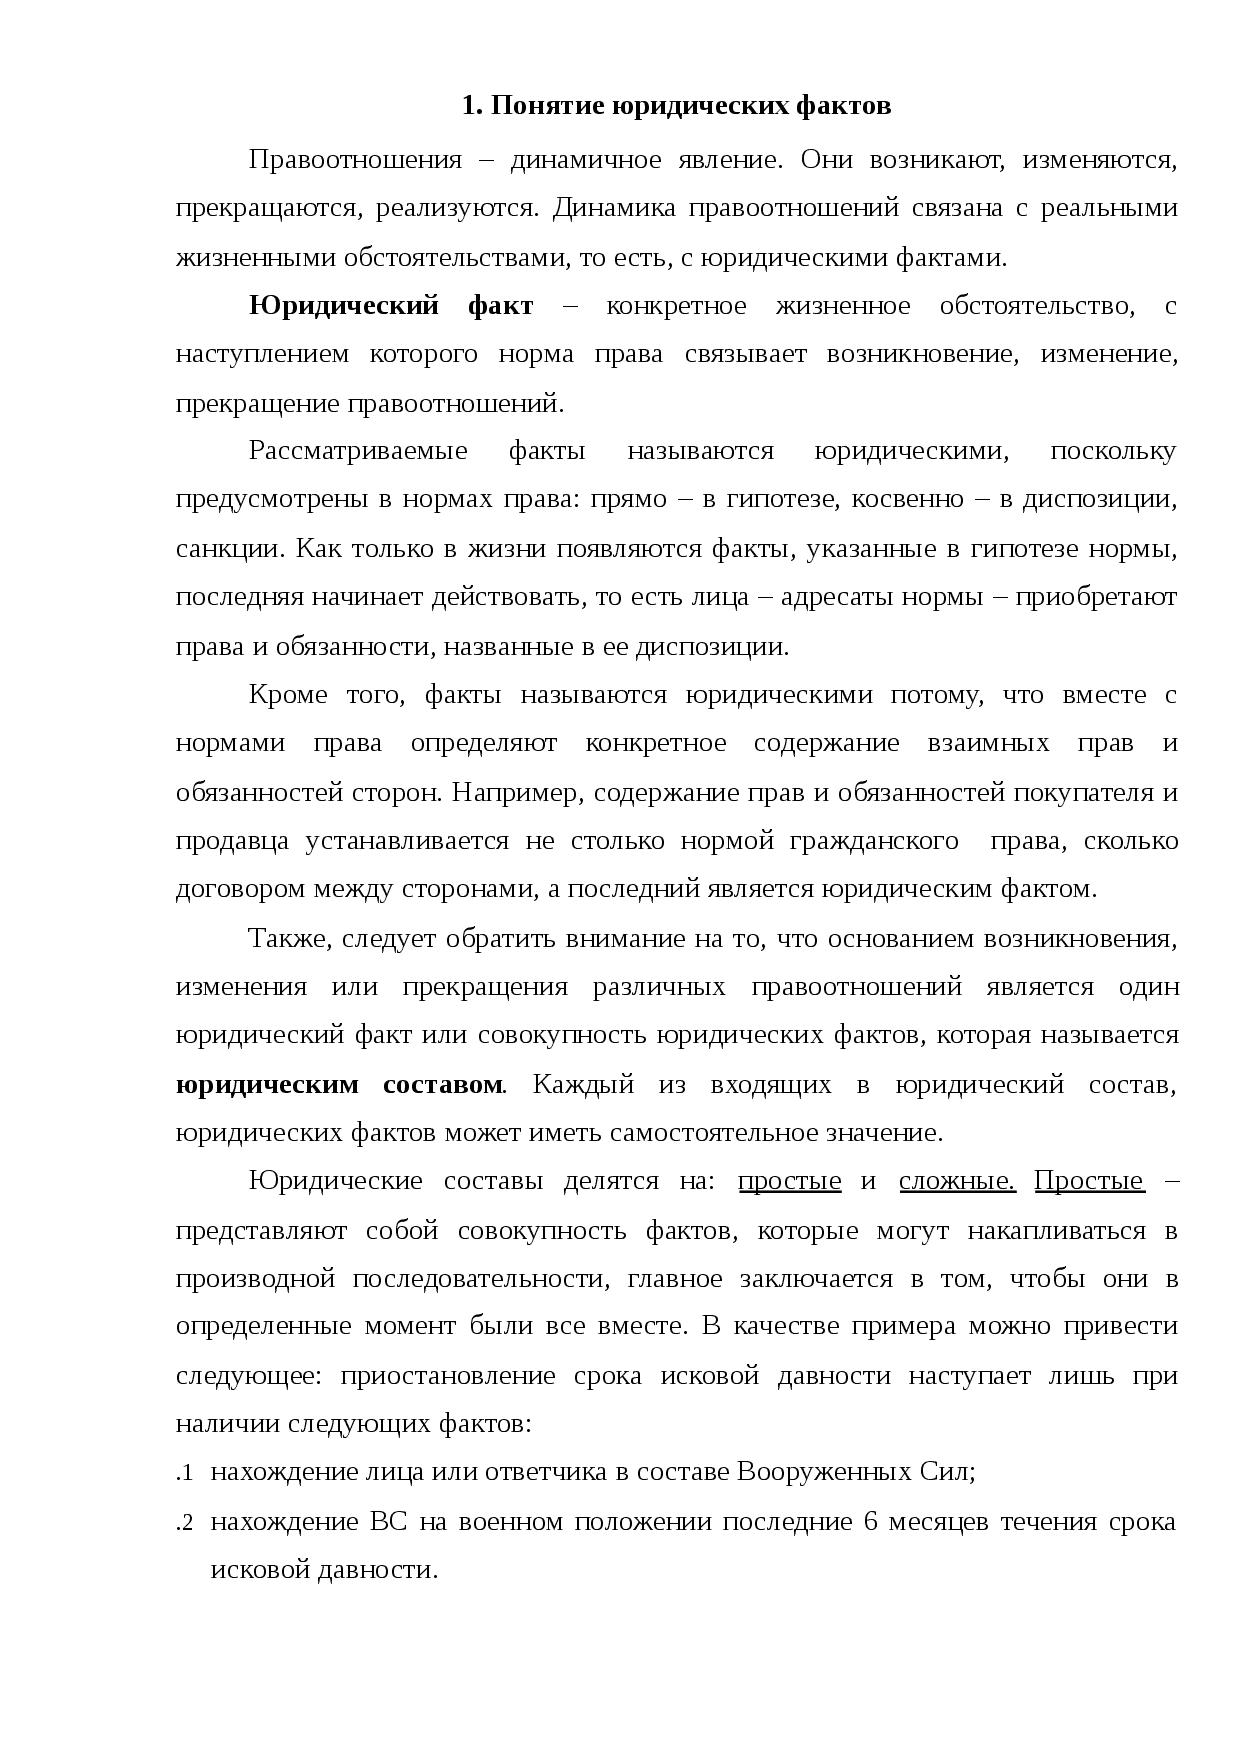 Юридические факты: понятие, примеры, классификации